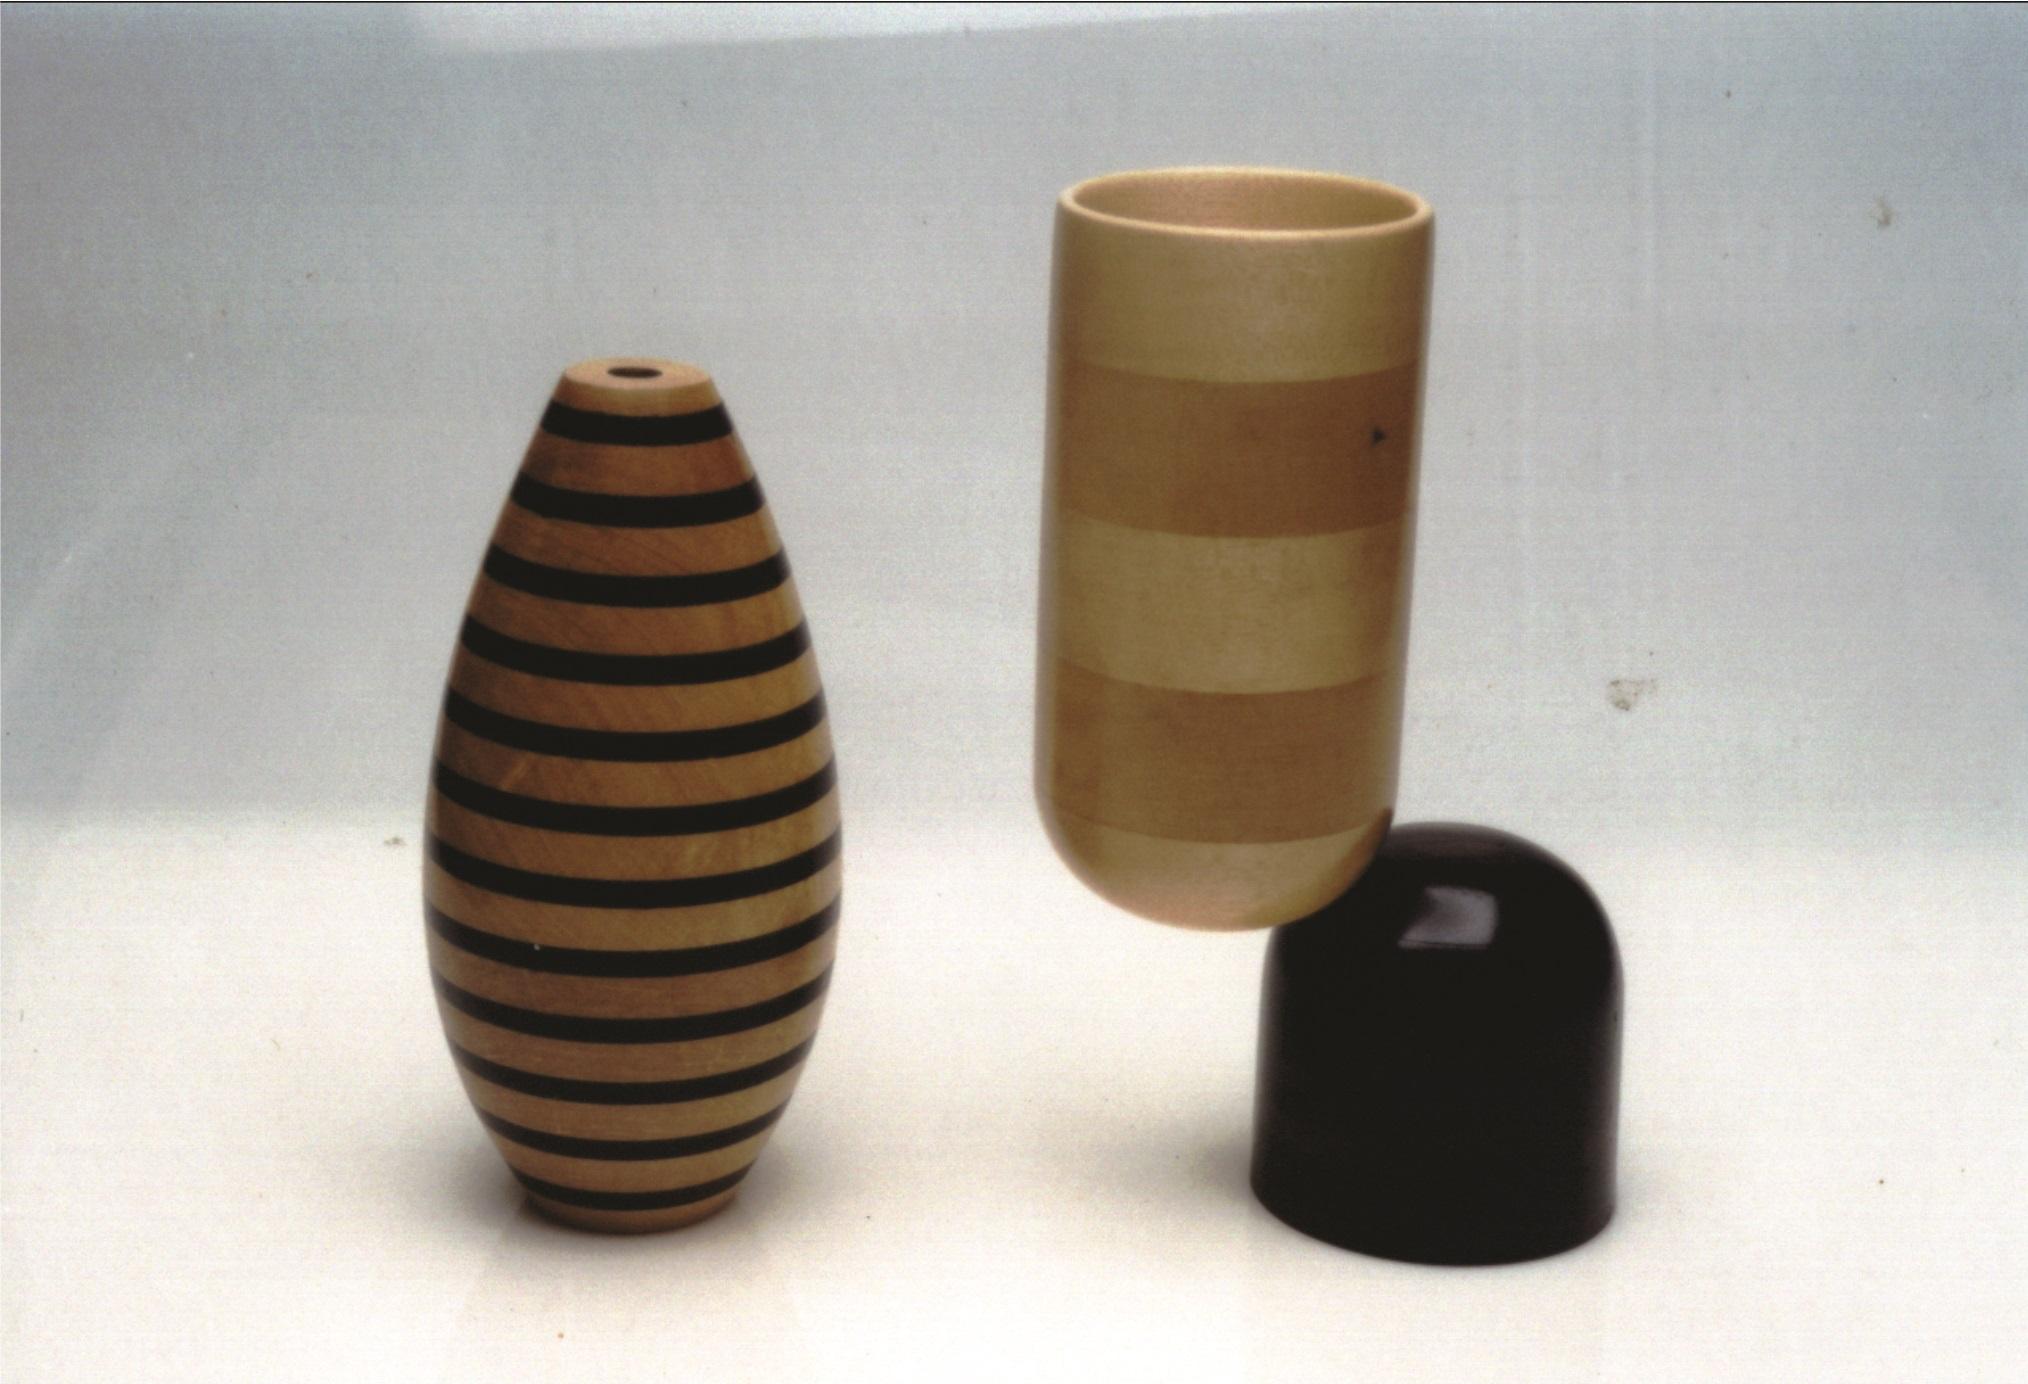 vaso malandro e vaso desequilibrado